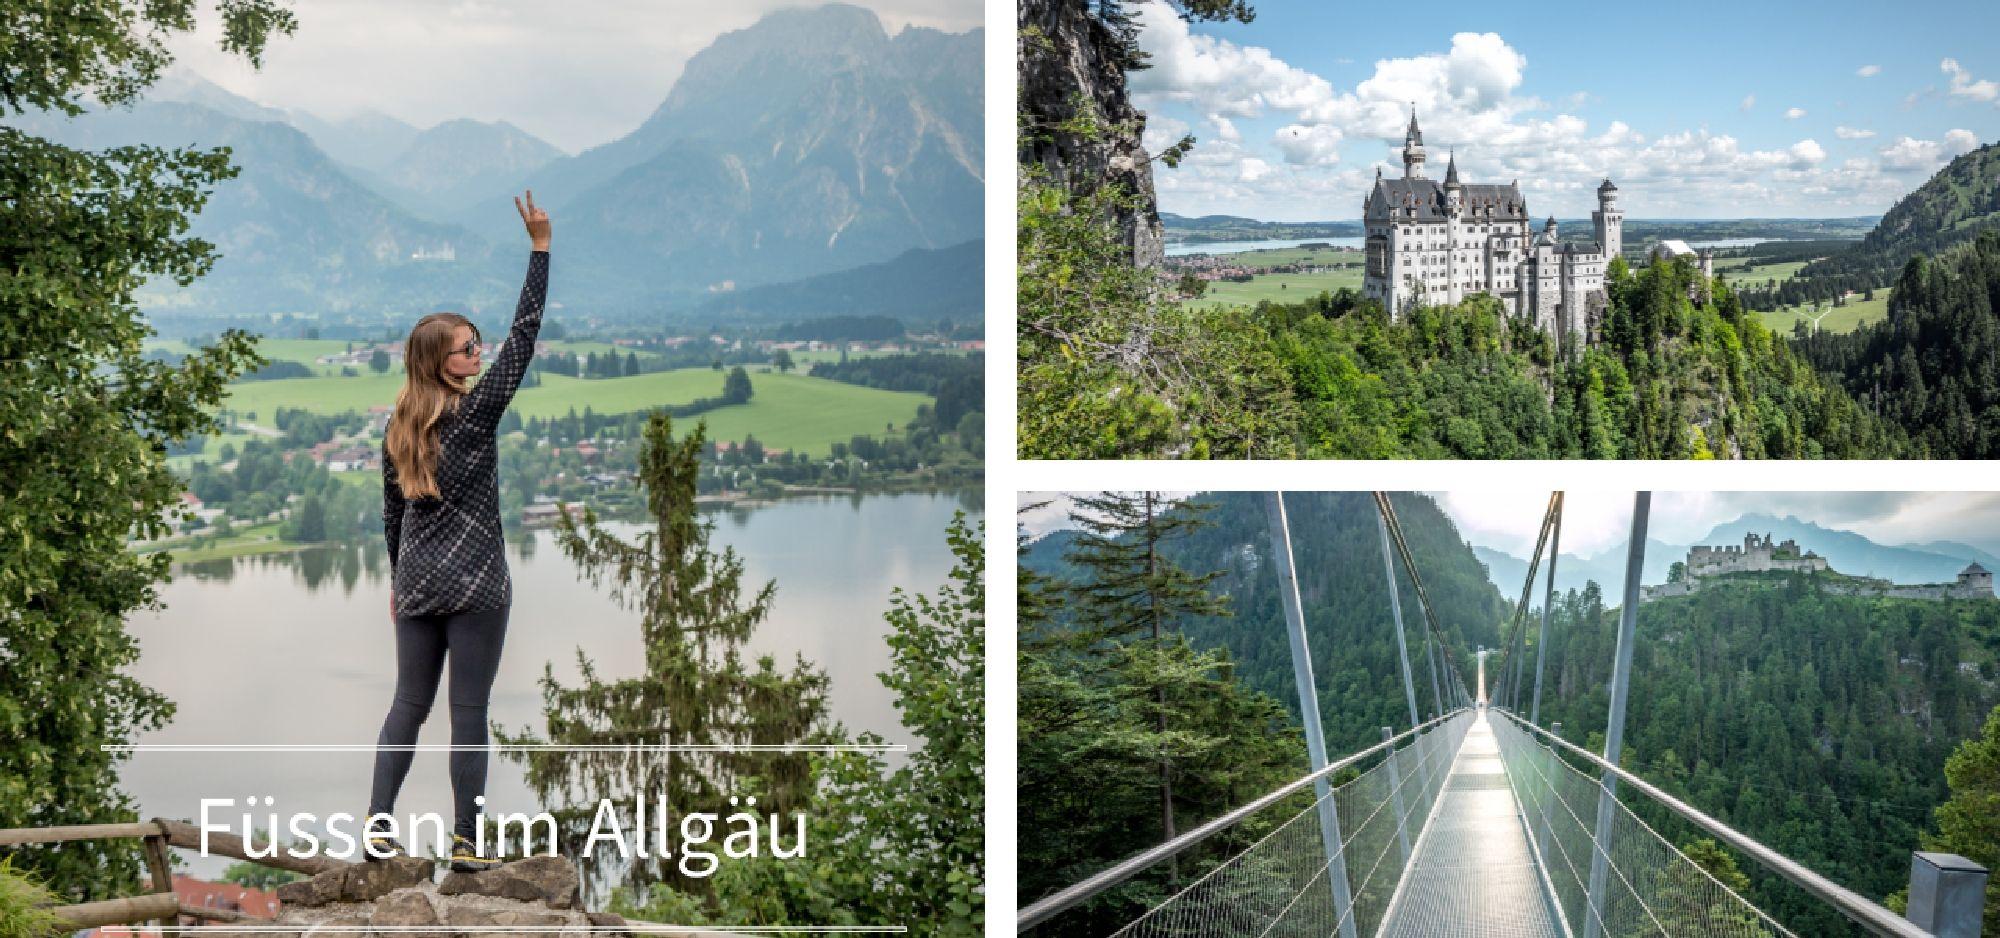 Fussen Im Allgau Neuschwanstein Mountainbiken Wandern Und Mehr Neuschwanstein Schloss Neuschwanstein Allgau Wandern